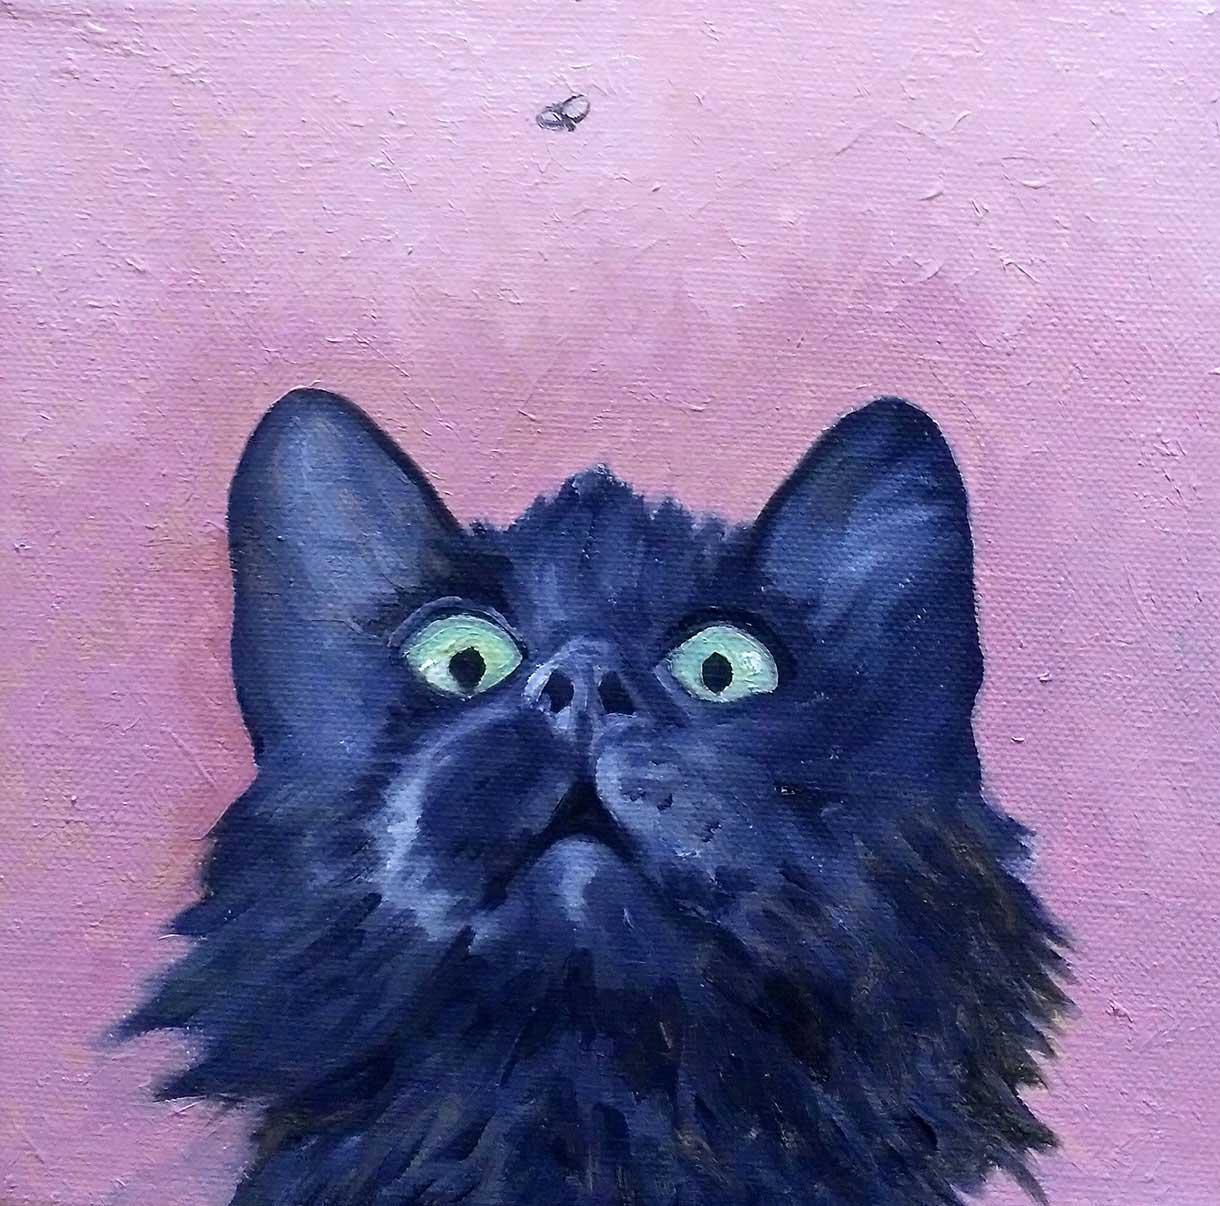 muso gatto mosca